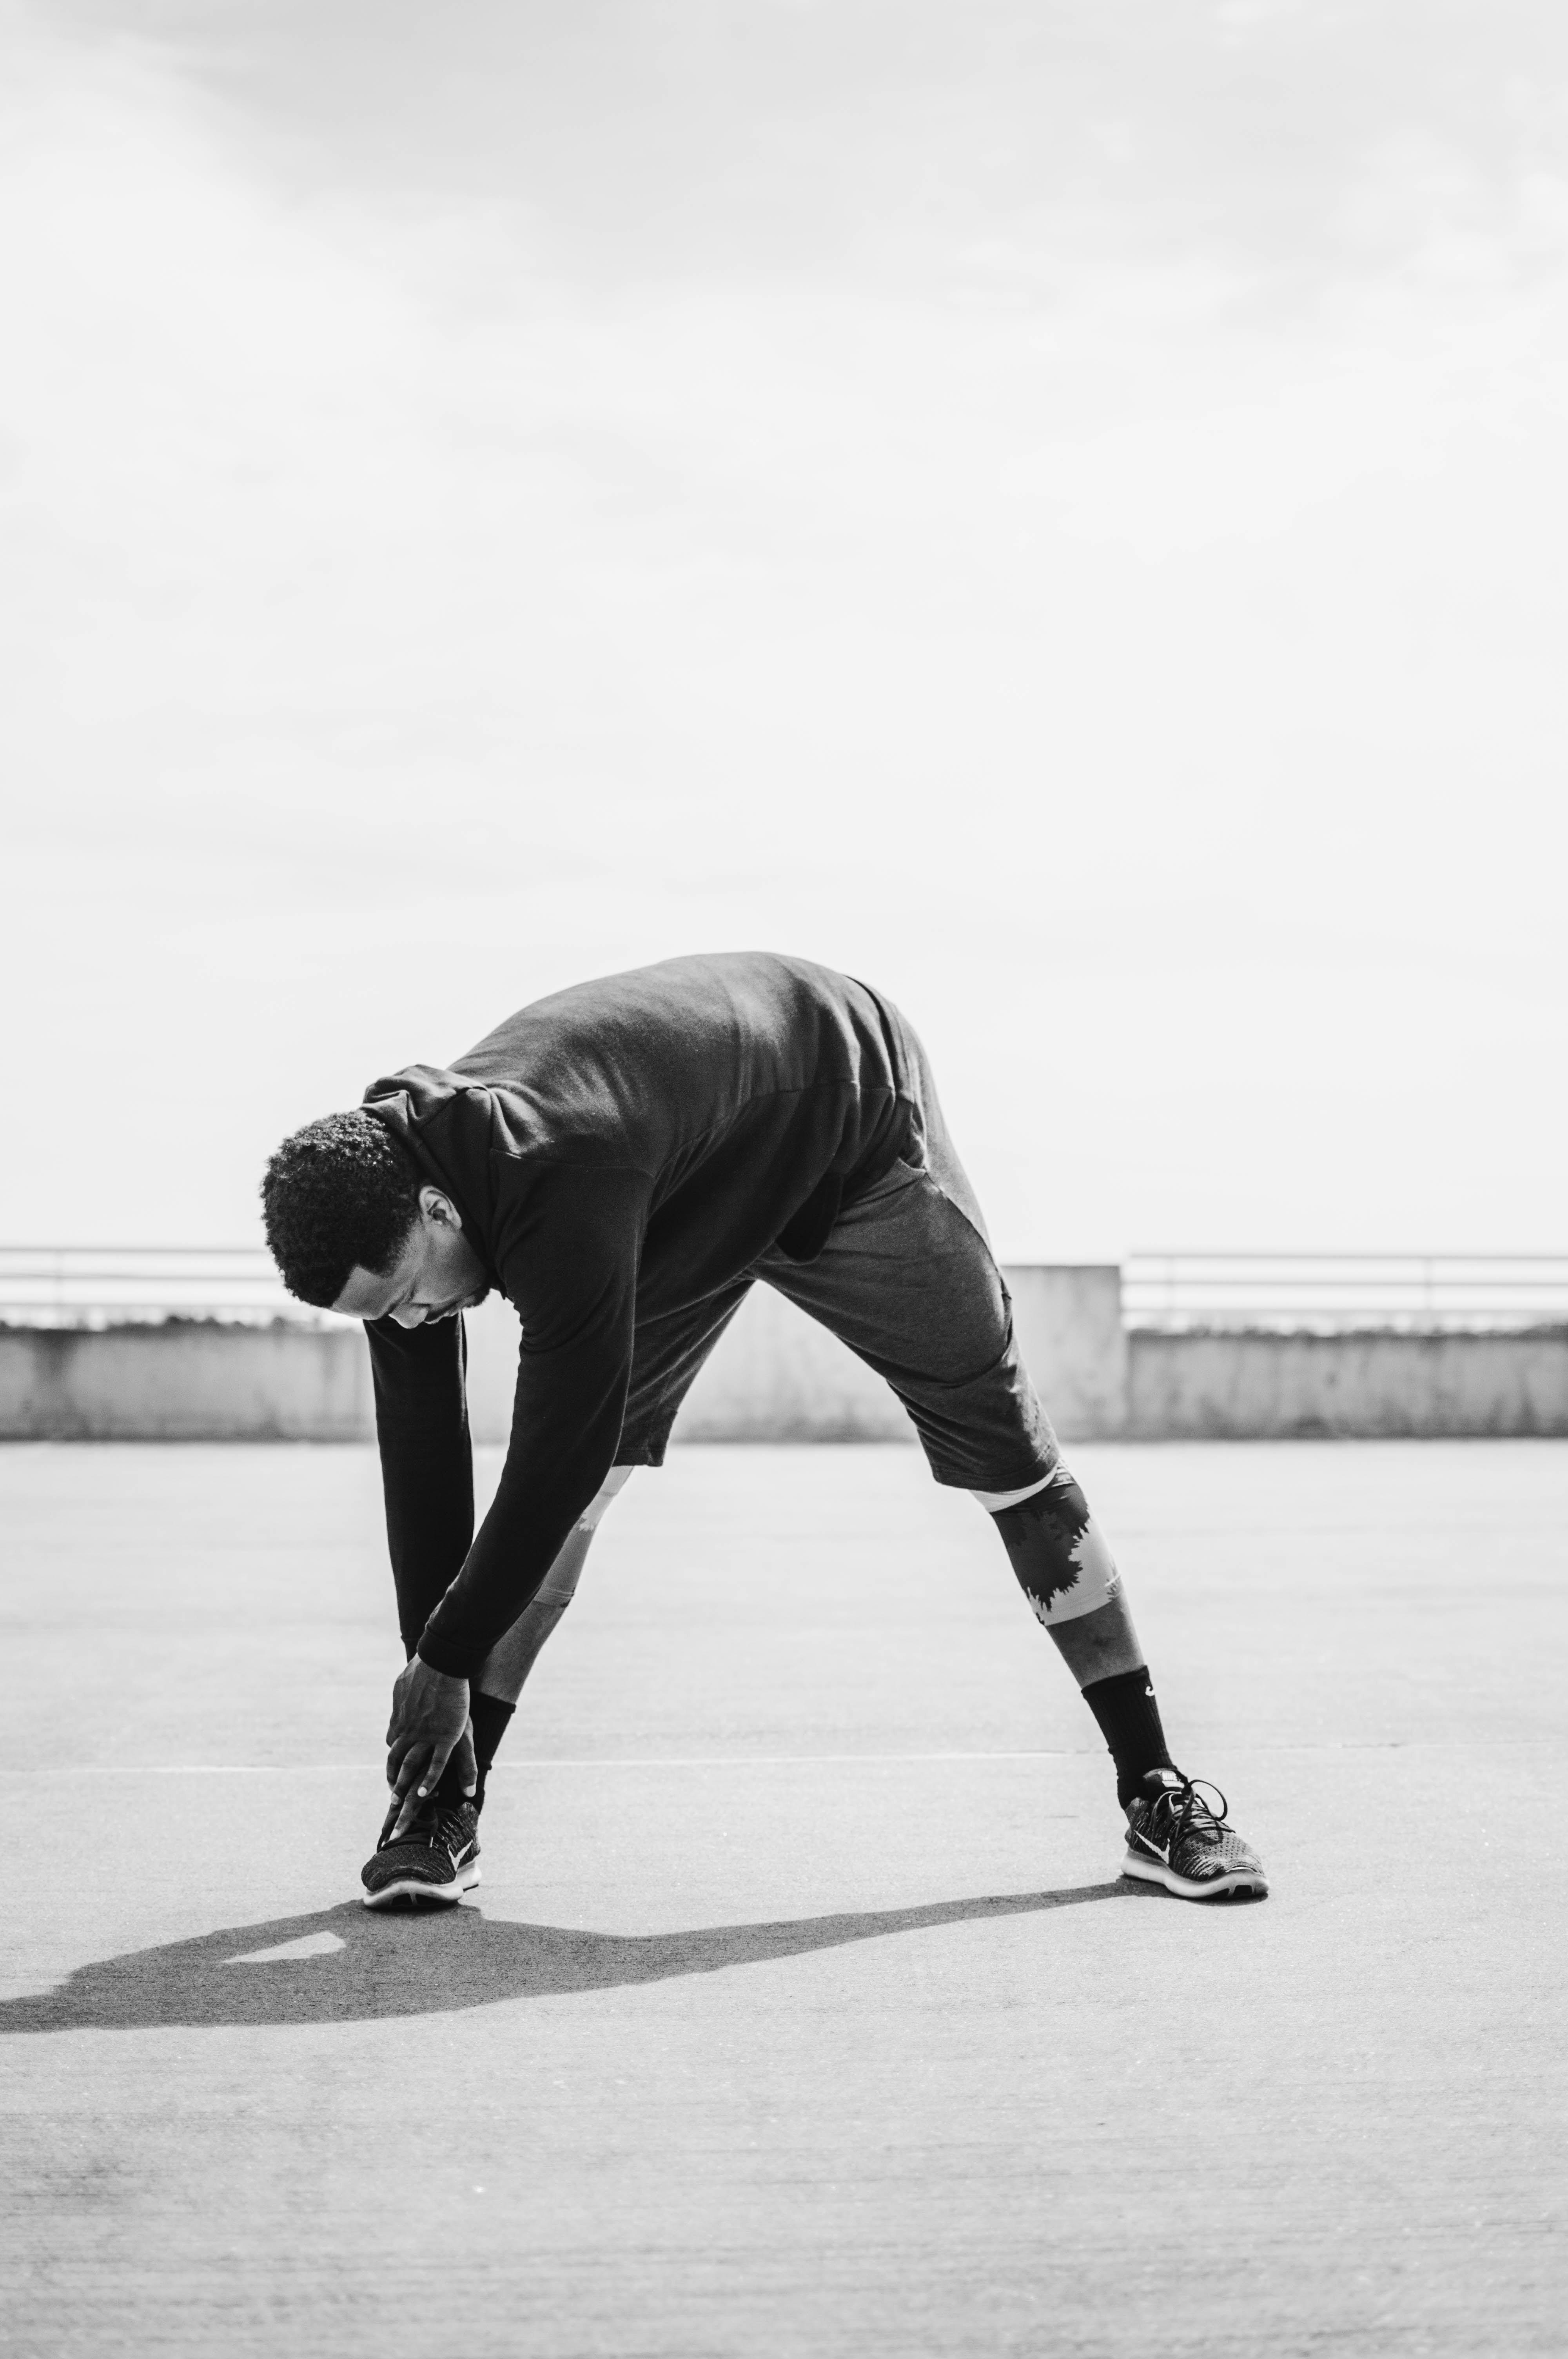 骨折体験談14・骨折から87日〜インソールを試す